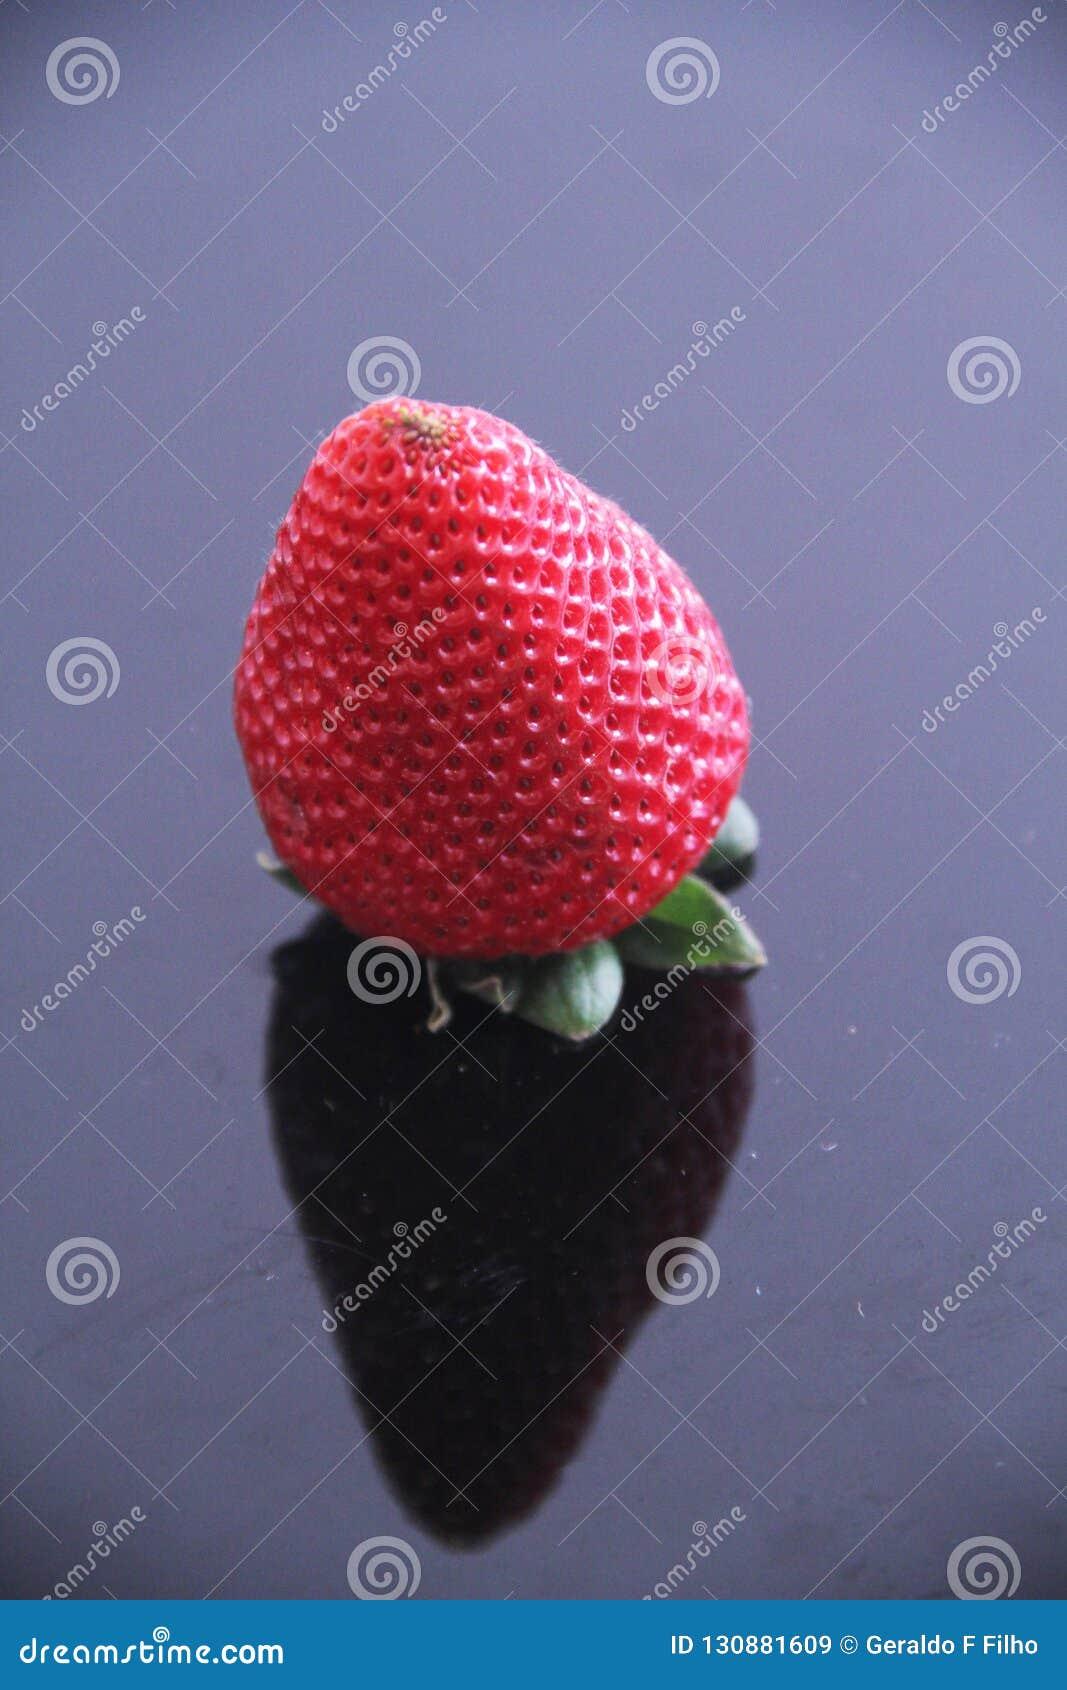 Sao Paulo Brazil för frukt för åkerbrukt vitamin för jordgubbemat läcker healthful